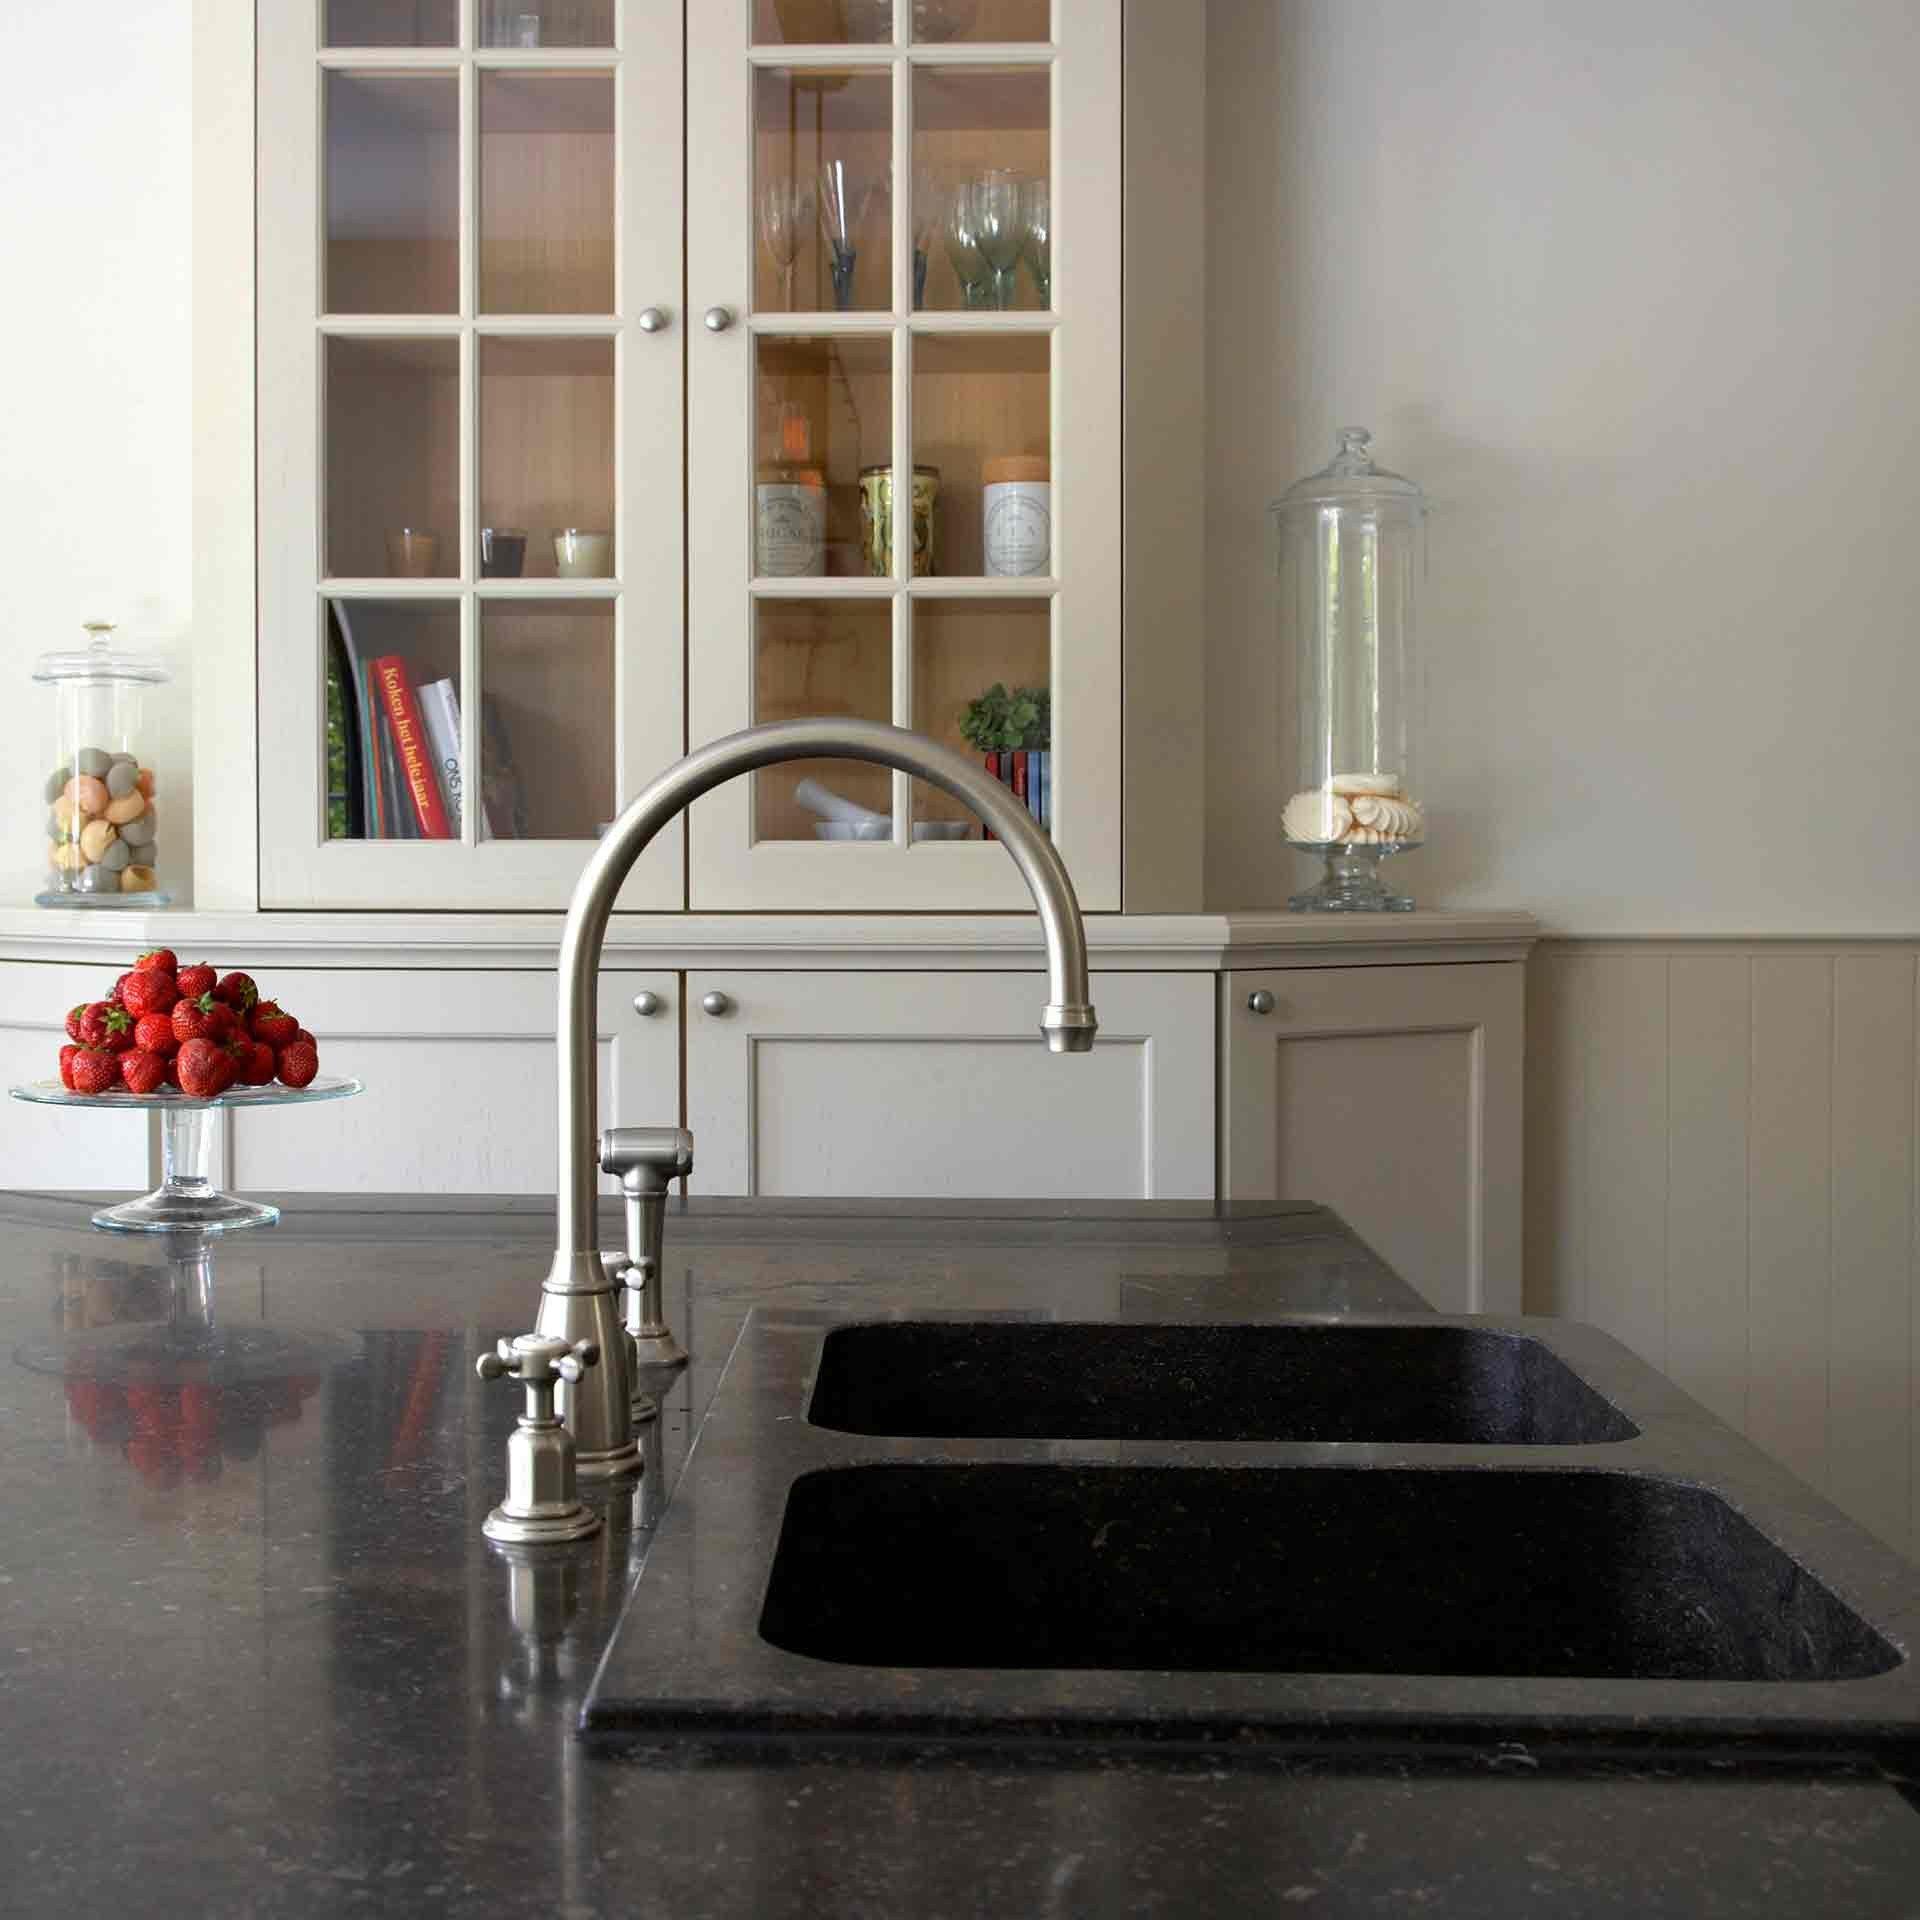 landelijke-keuken-kensington-blauwe-hardsteen-6.jpg